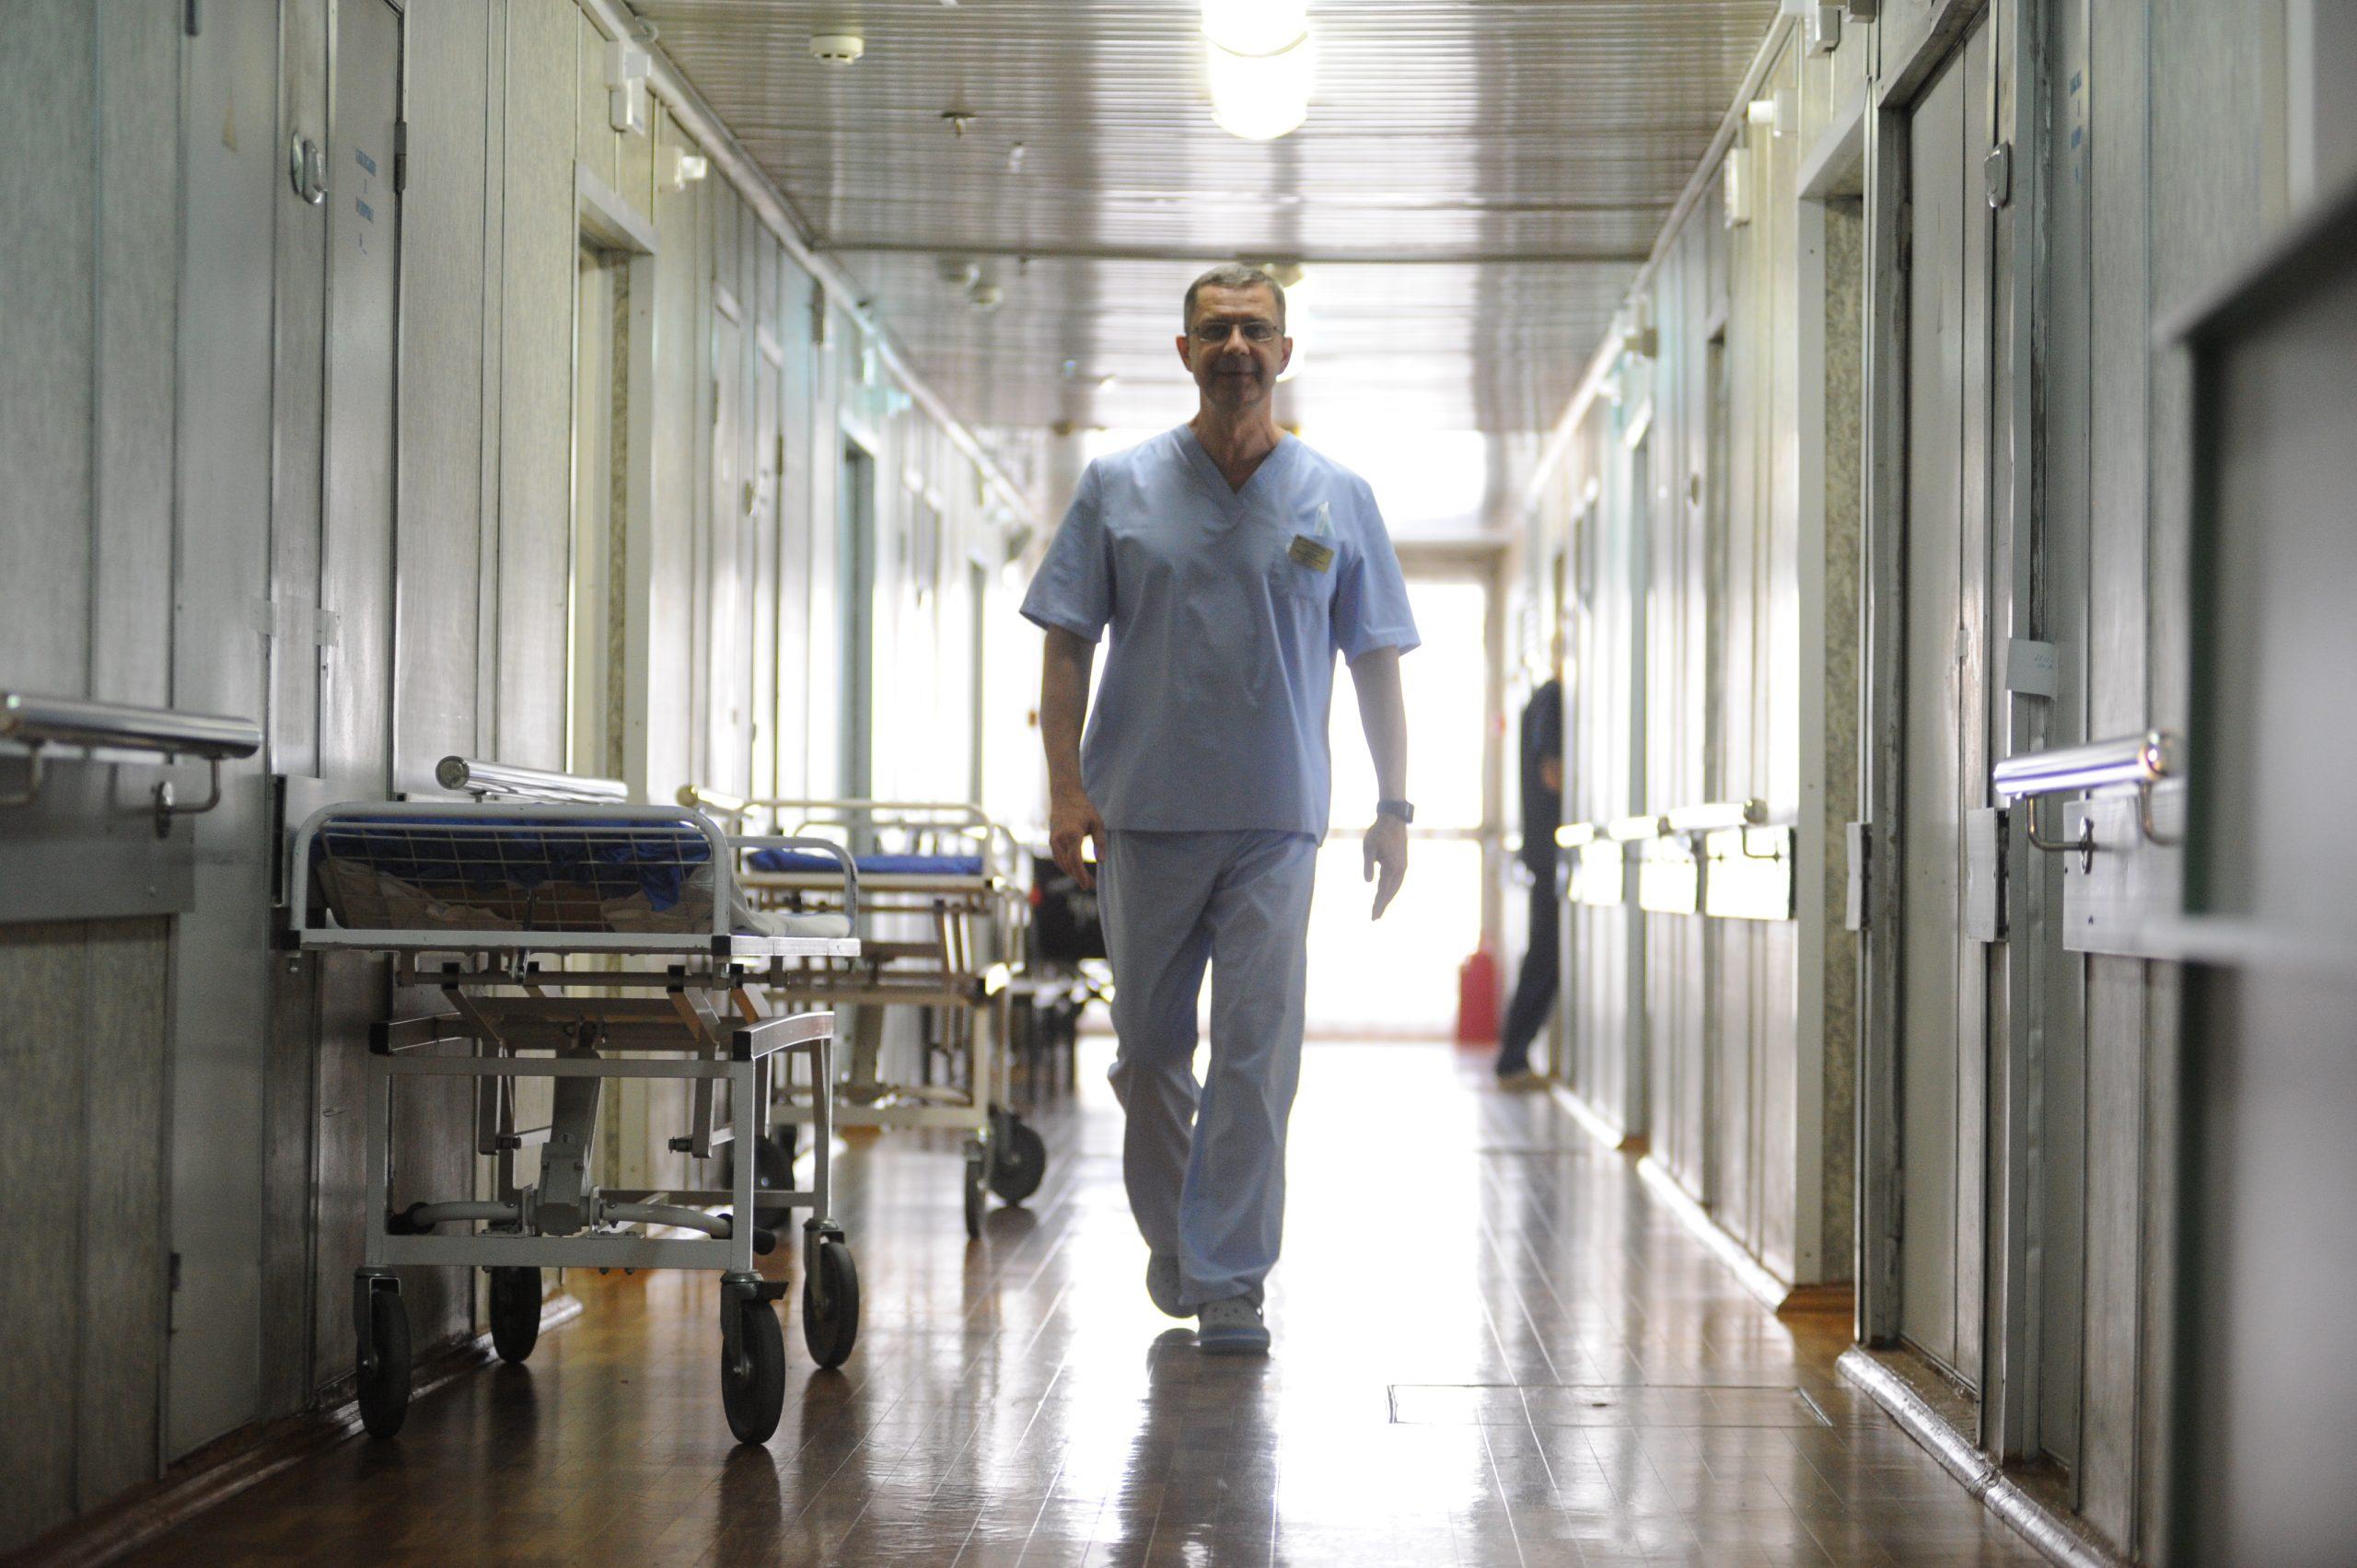 Врачи вылечили свыше 2,6 тысячи человек от коронавируса